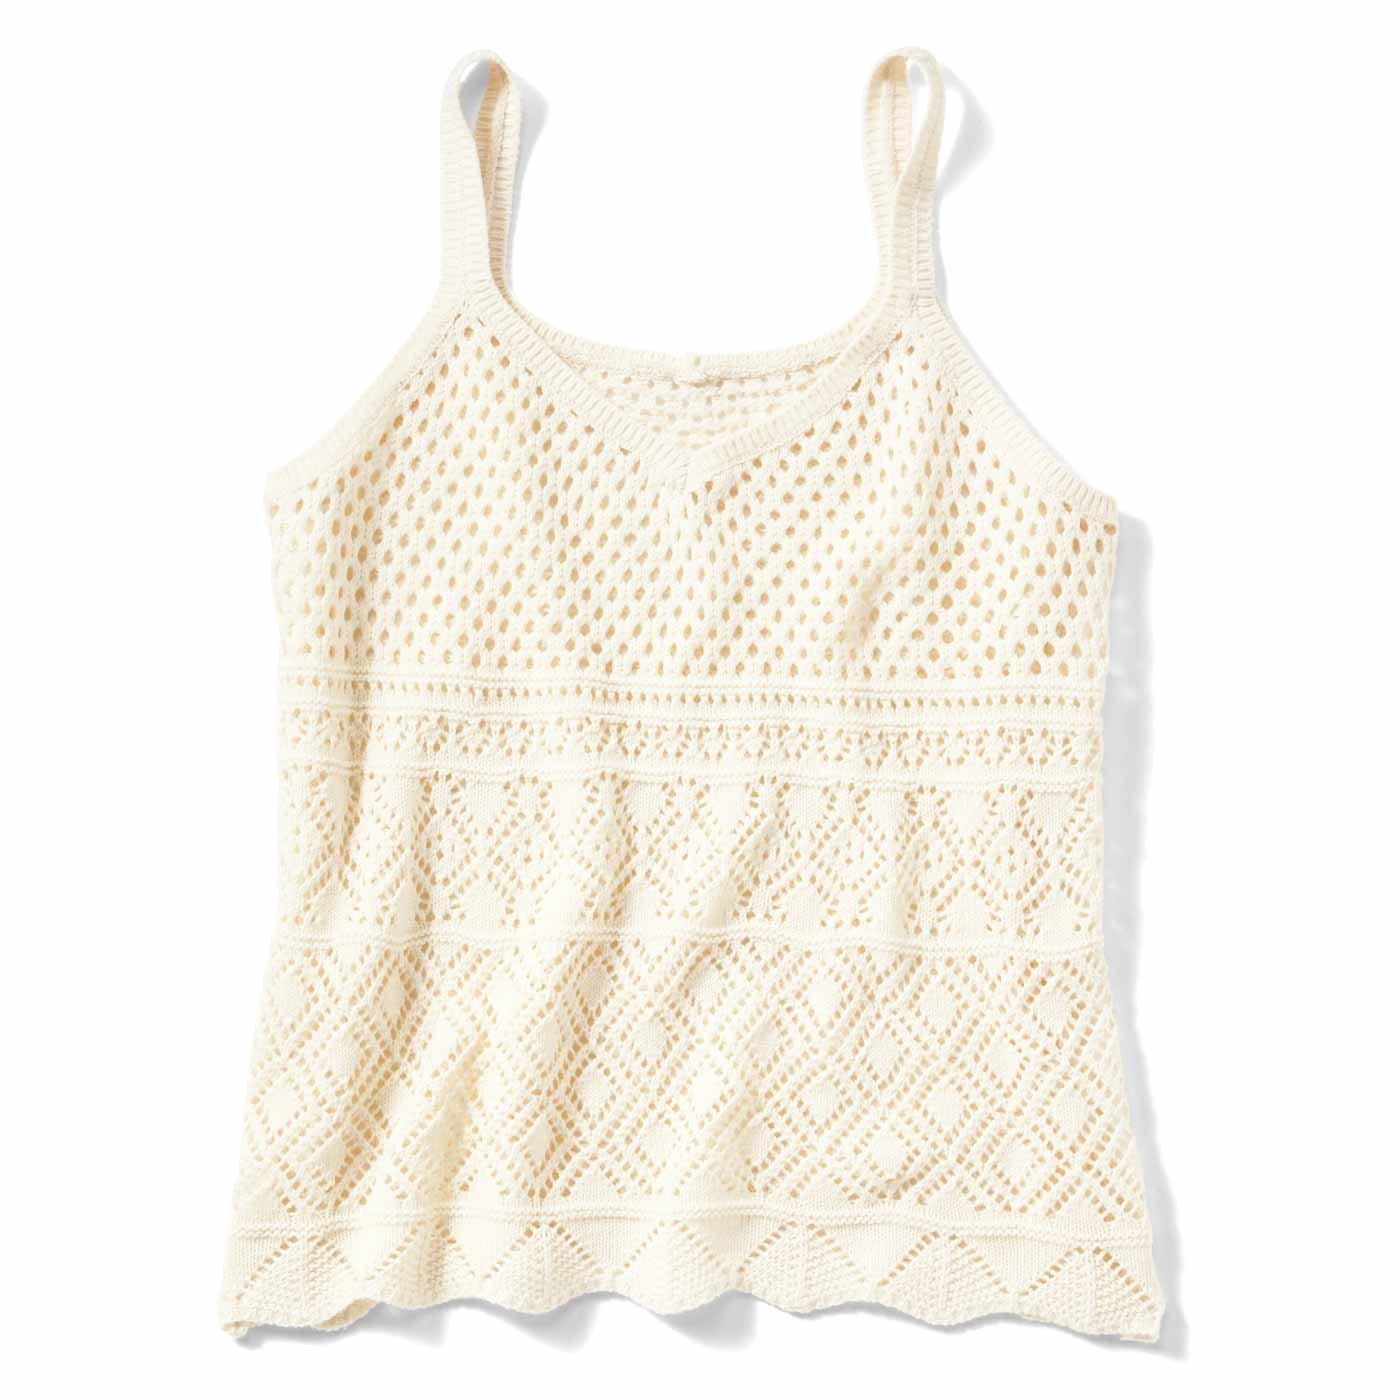 リブ イン コンフォート ふわっと重ねてTシャツコーデを新鮮にする 綿ニットキャミソール〈オフホワイト〉